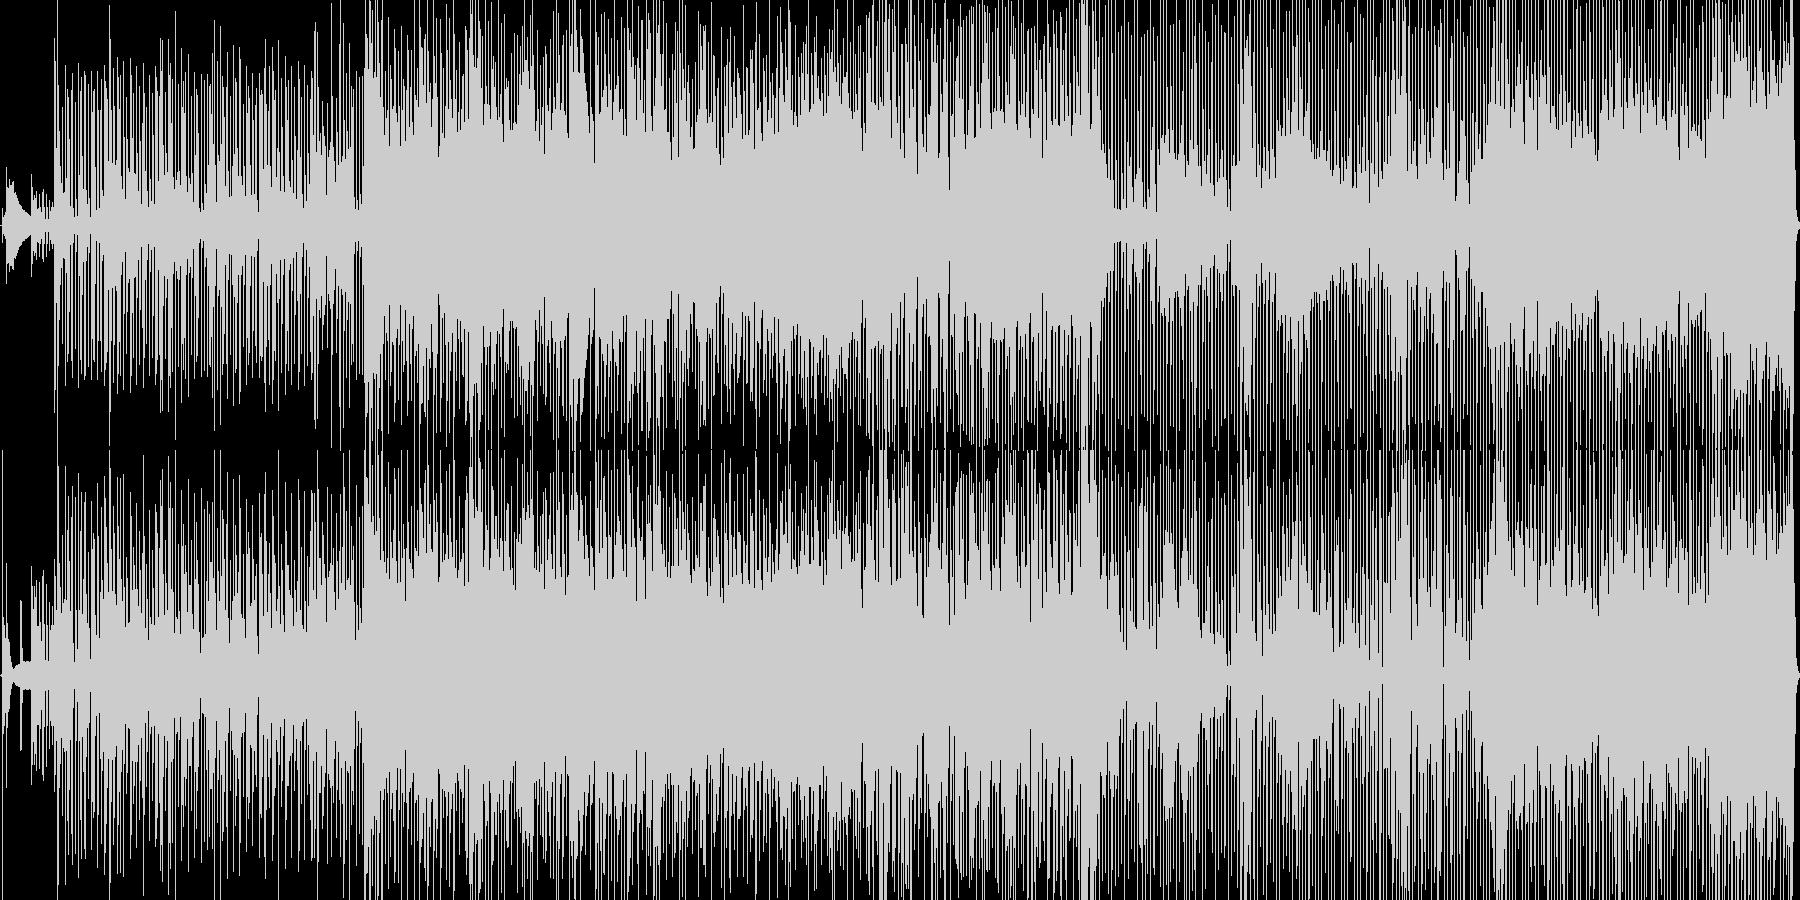 ファンキーなストレートロックンロールの未再生の波形